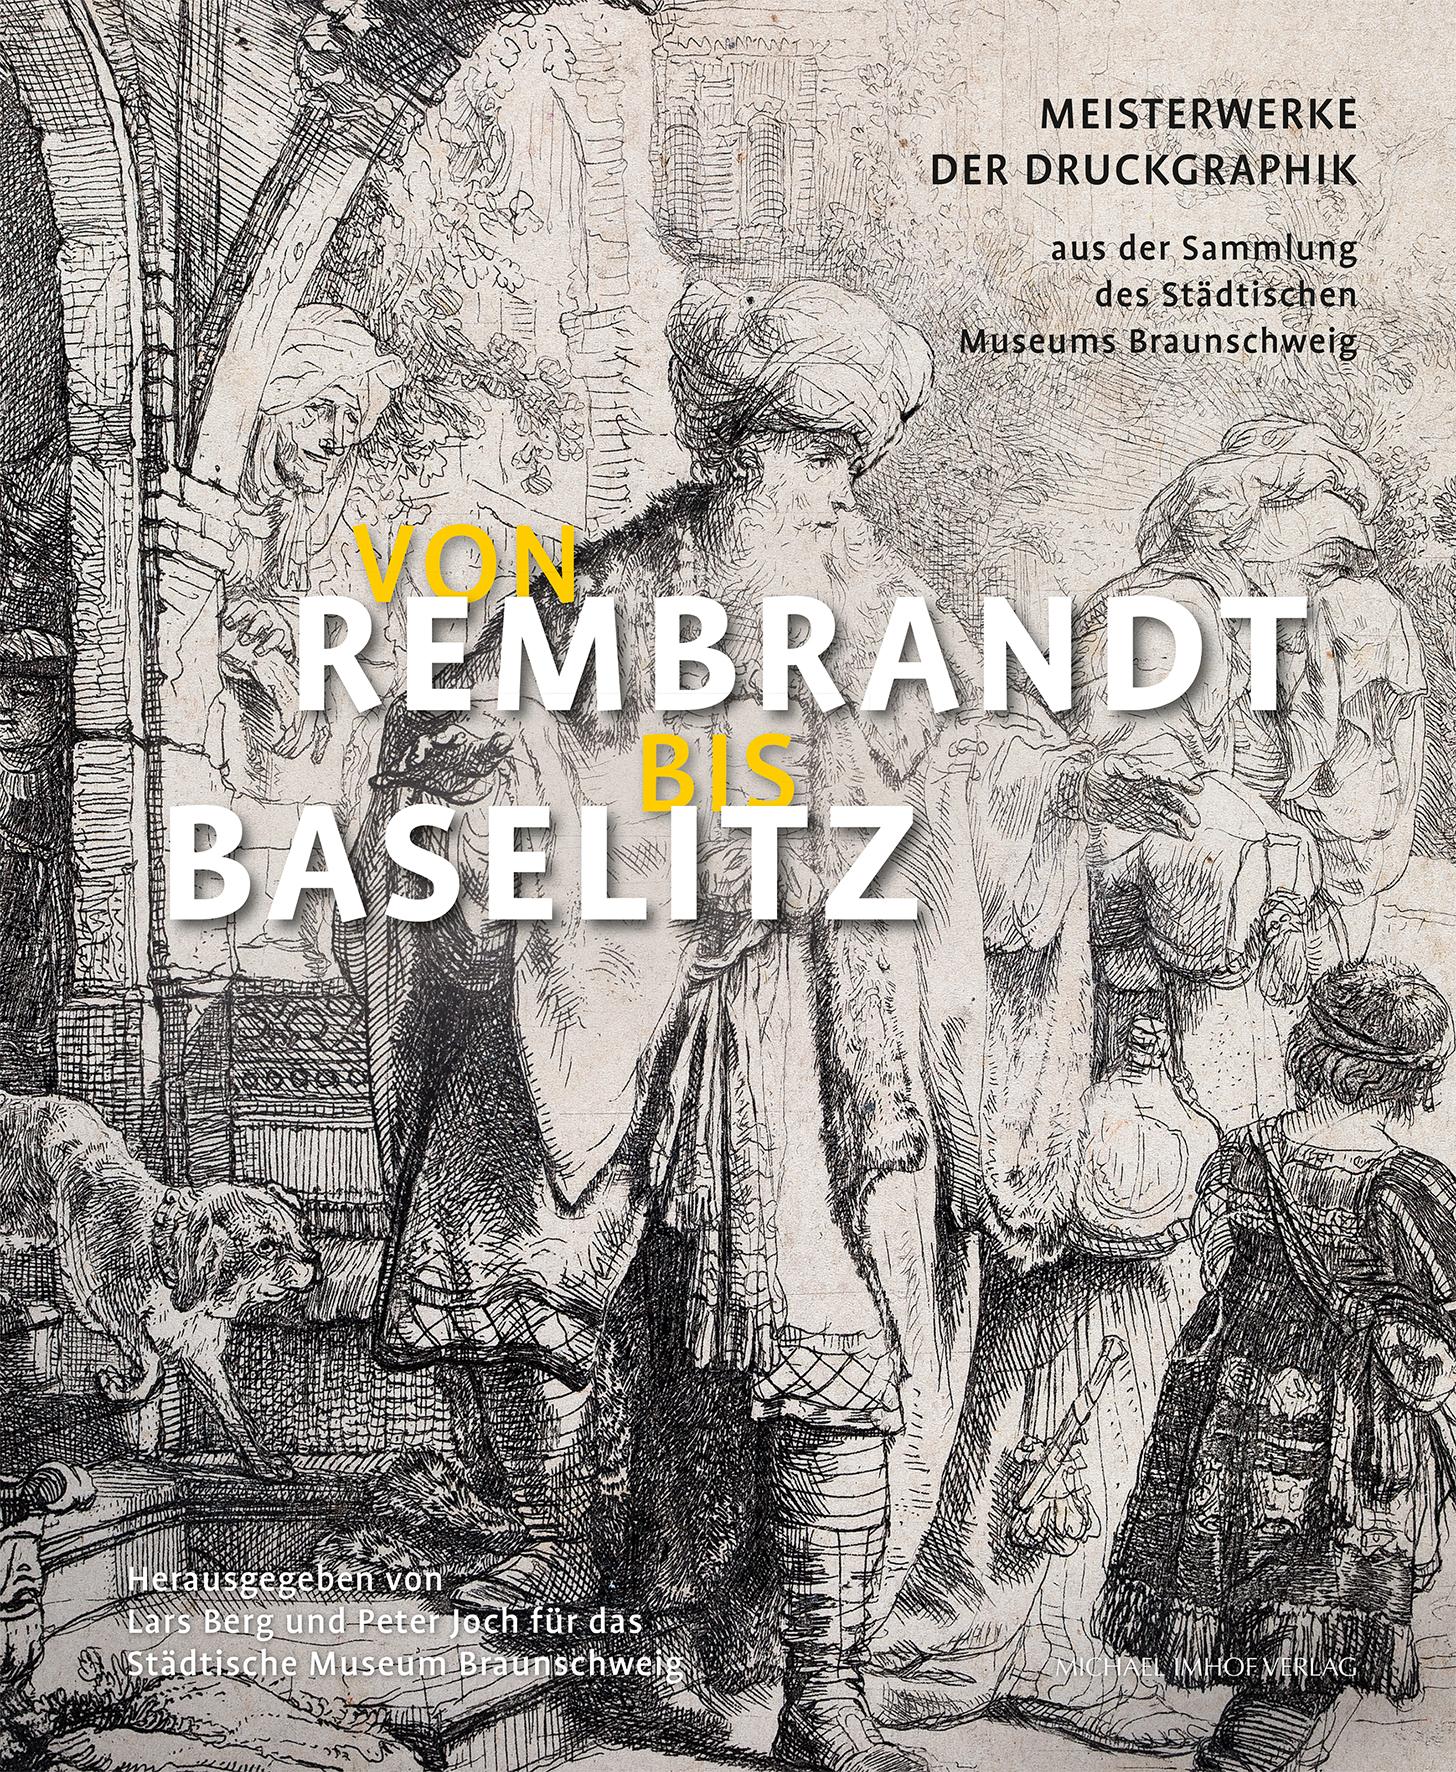 NEU_Rembrandt-Baselitz_UMSCHLAG.qxp_Layout 1